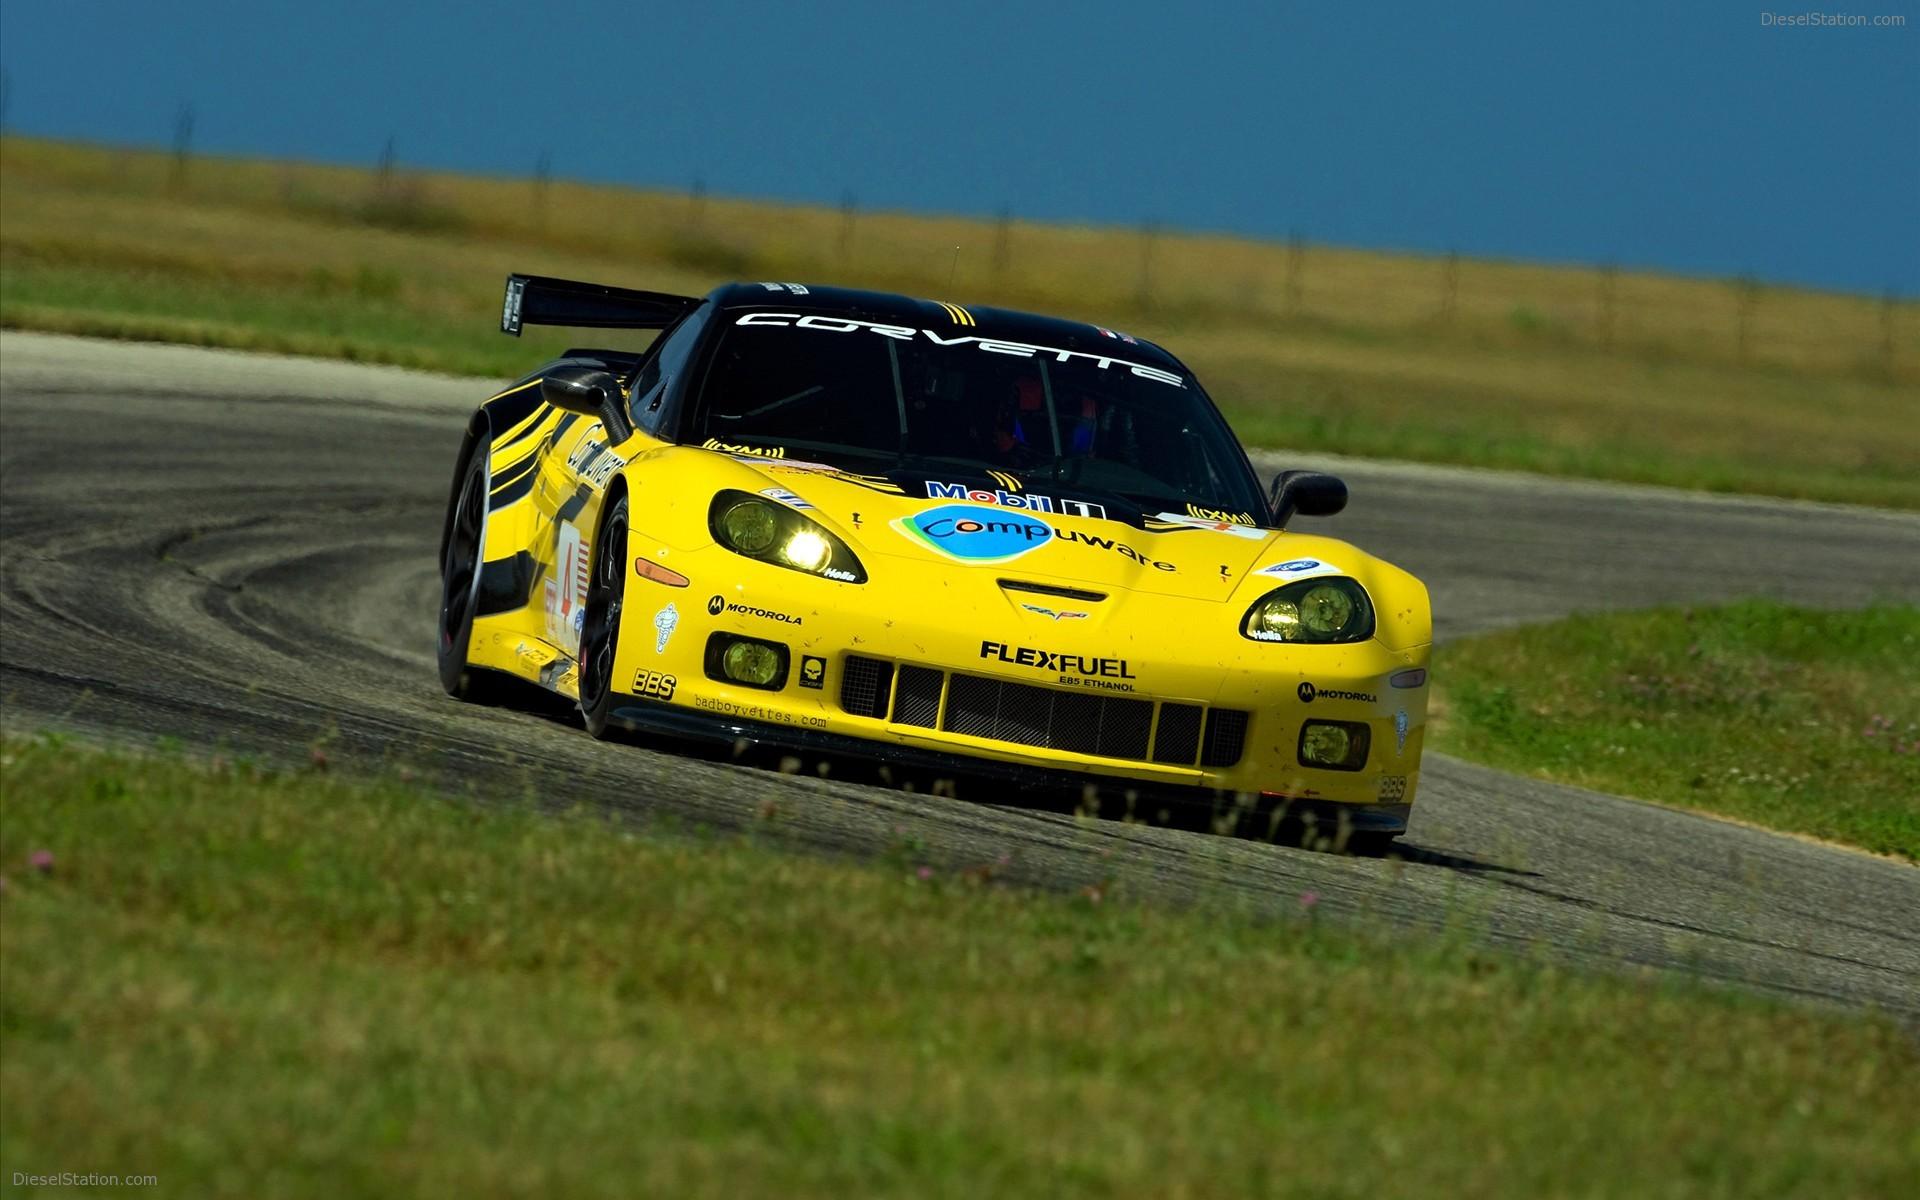 Corvette Racing Next Generation C6 R Widescreen Exotic Car Wallpaper 1920x1200